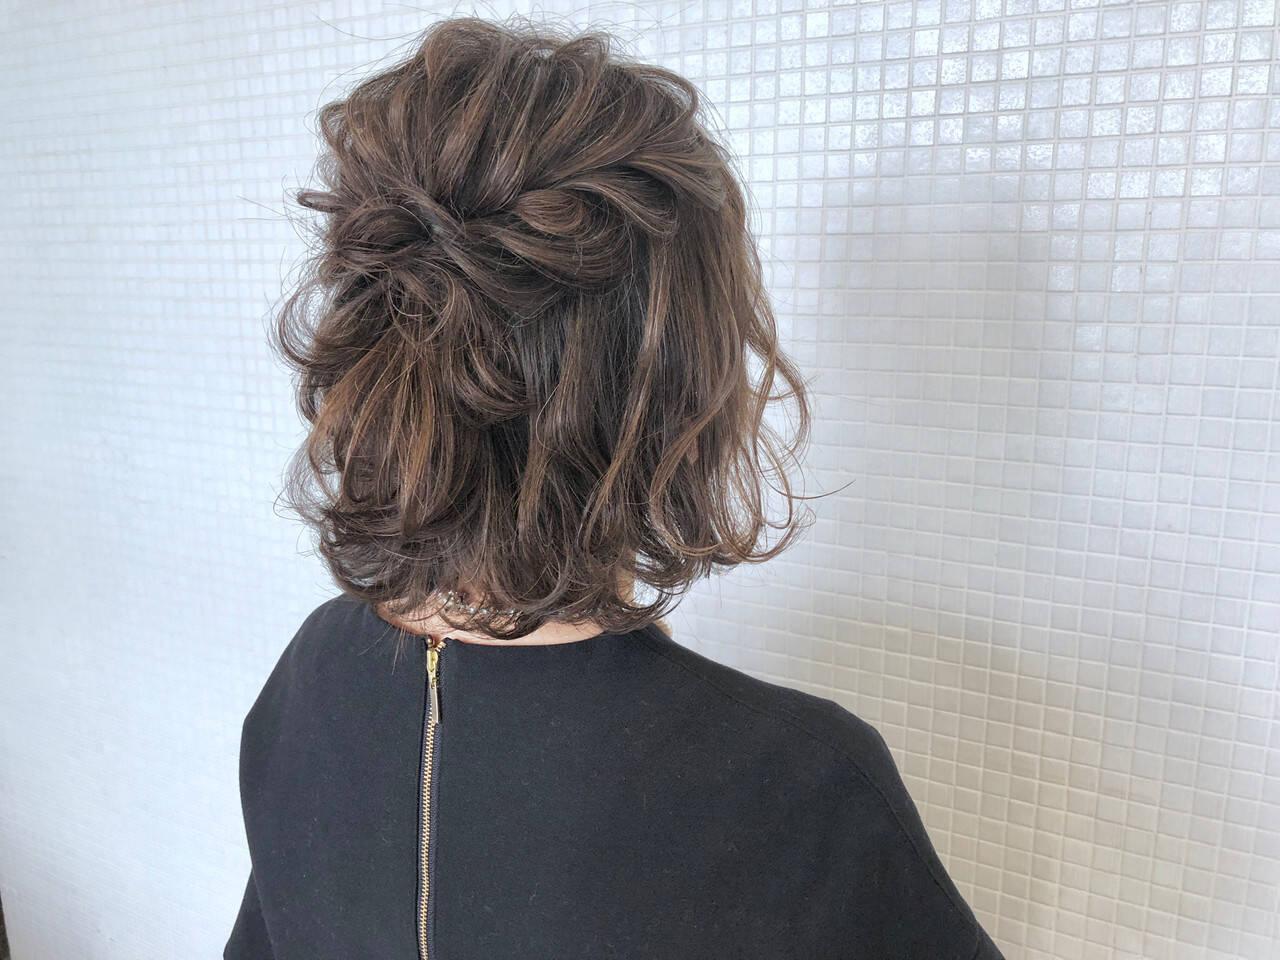 ヘアアレンジ ナチュラル 結婚式 ハーフアップヘアスタイルや髪型の写真・画像